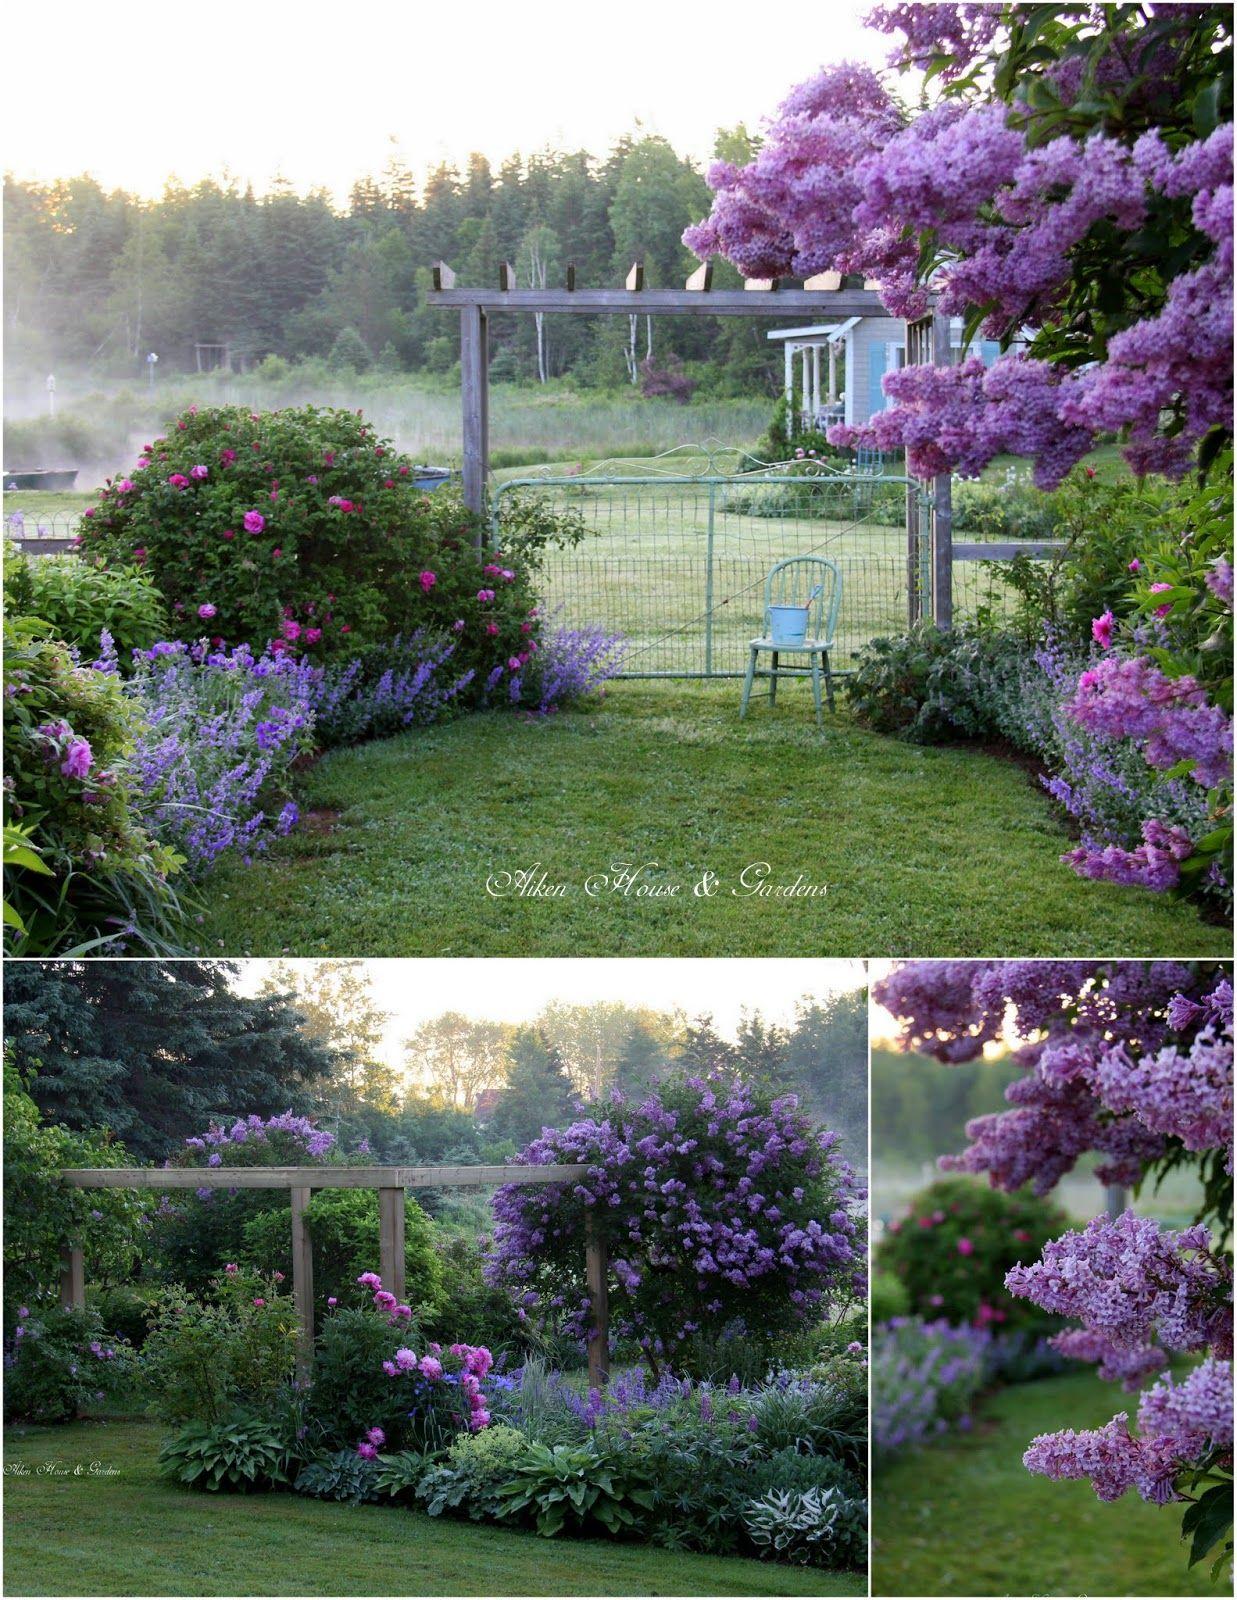 House garden landscape  Aiken House u Gardens  Сад   Pinterest  Gardens House and